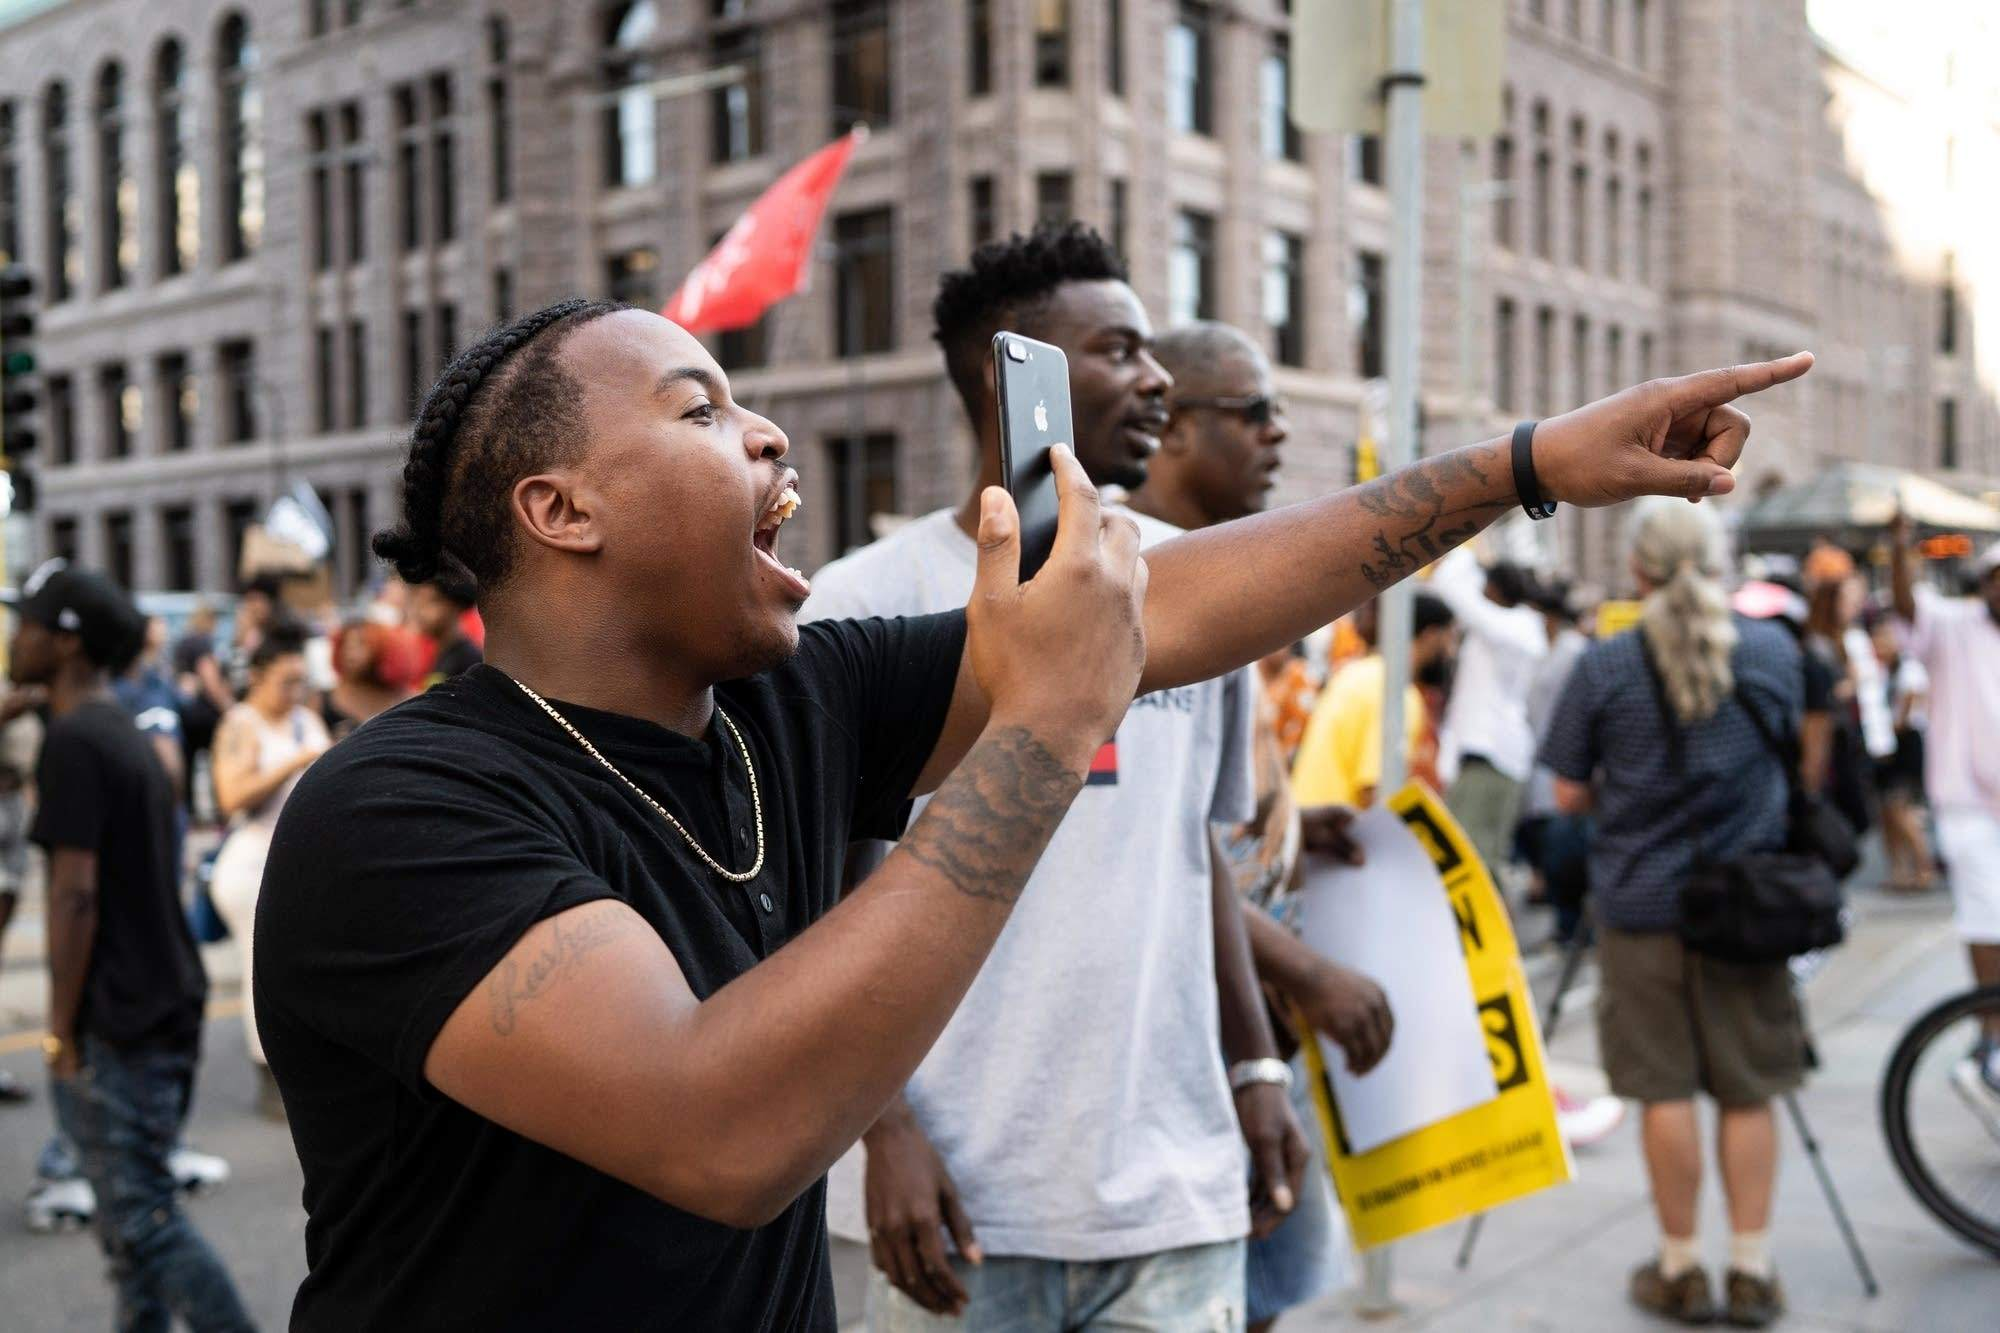 تداوم اعتراضات مردمی در آمریکا علیه نژادپرستی/ افزایش تقاضای سلاحبه دنبال اعتراضات سراسری در ایالات متحده